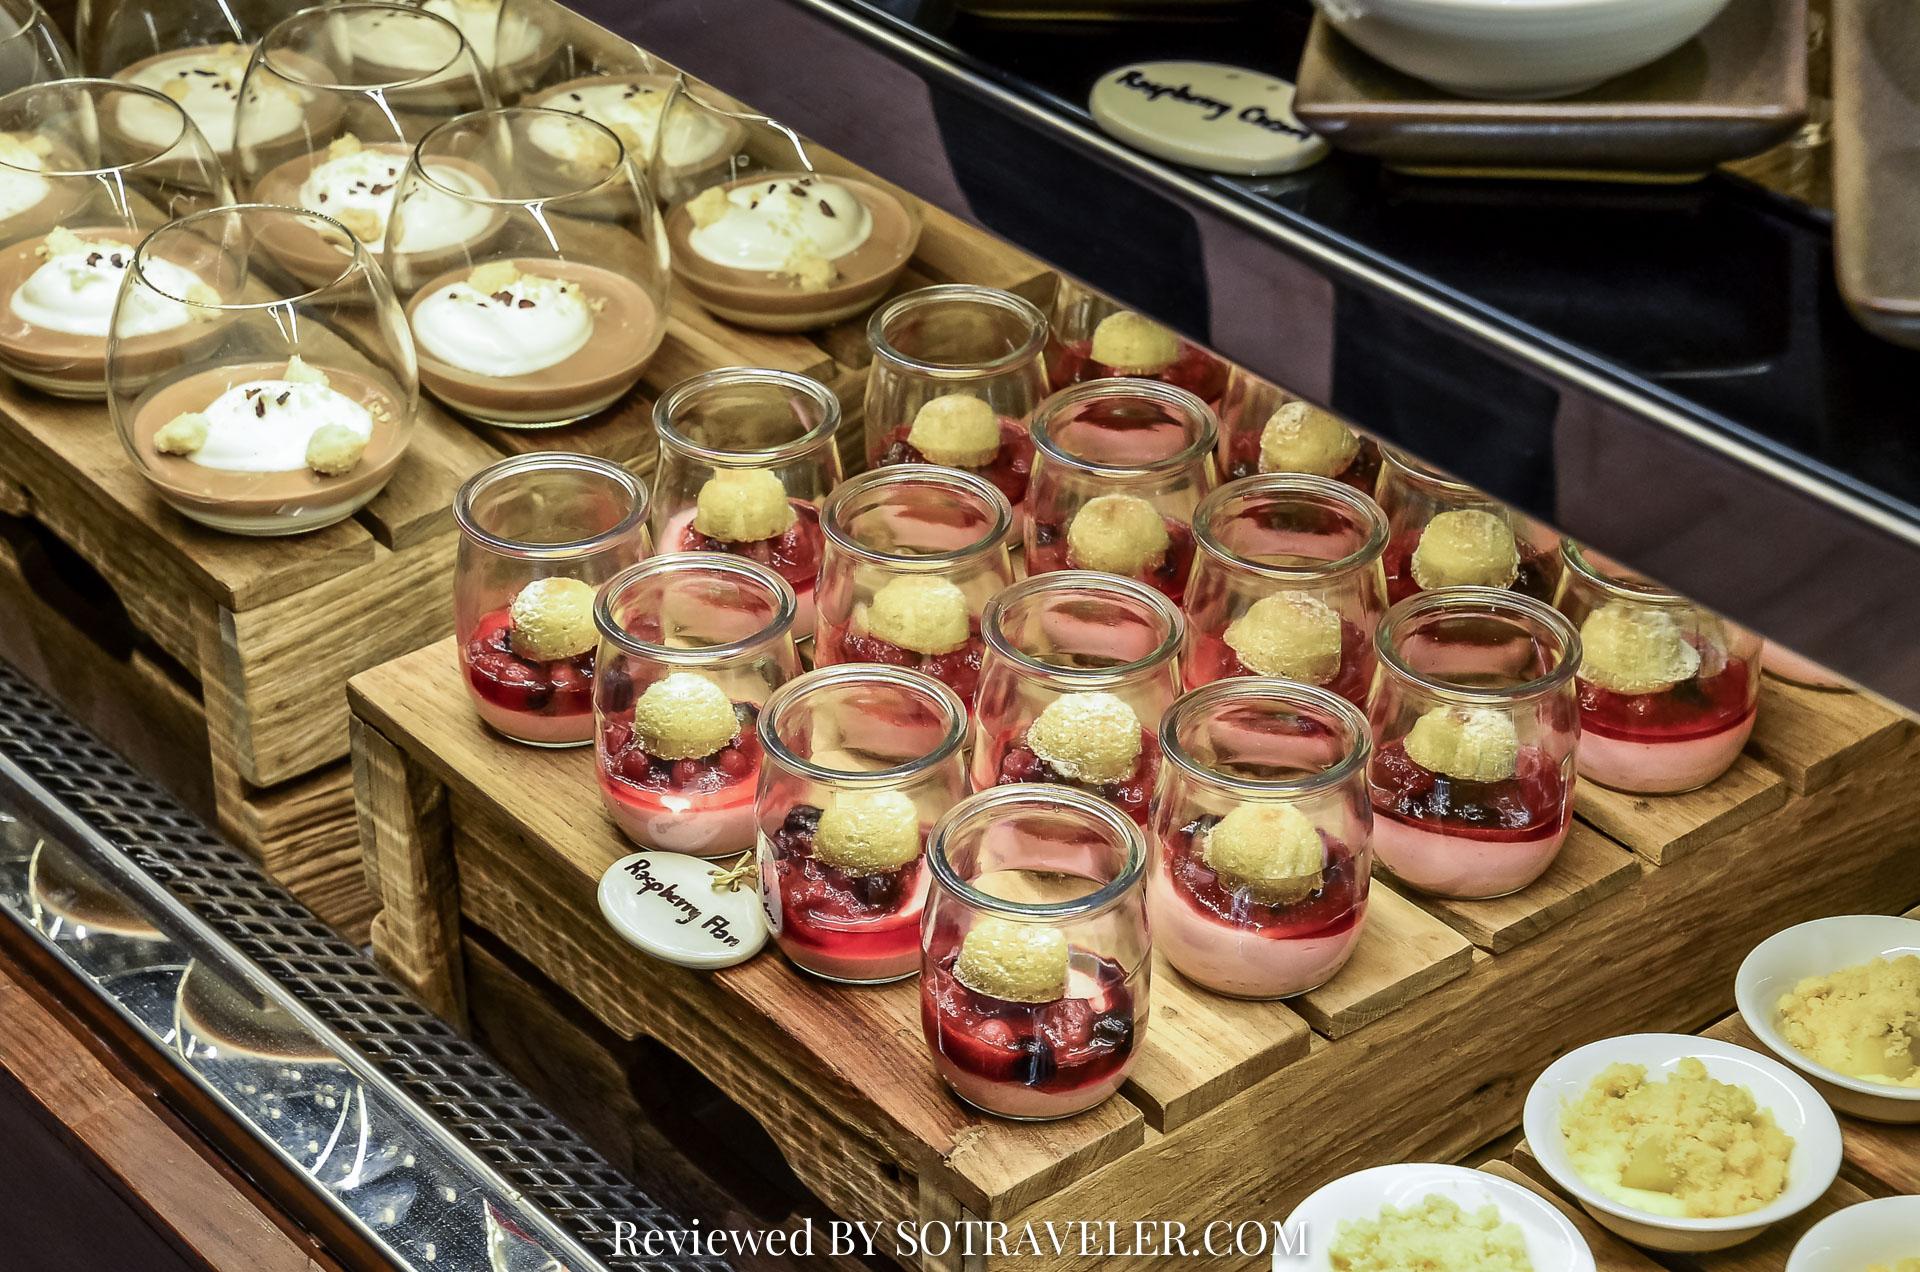 โกจิ คิทเช่น แอนด์บาร์ (Goji Kitchen & Bar) Flan อร่อย